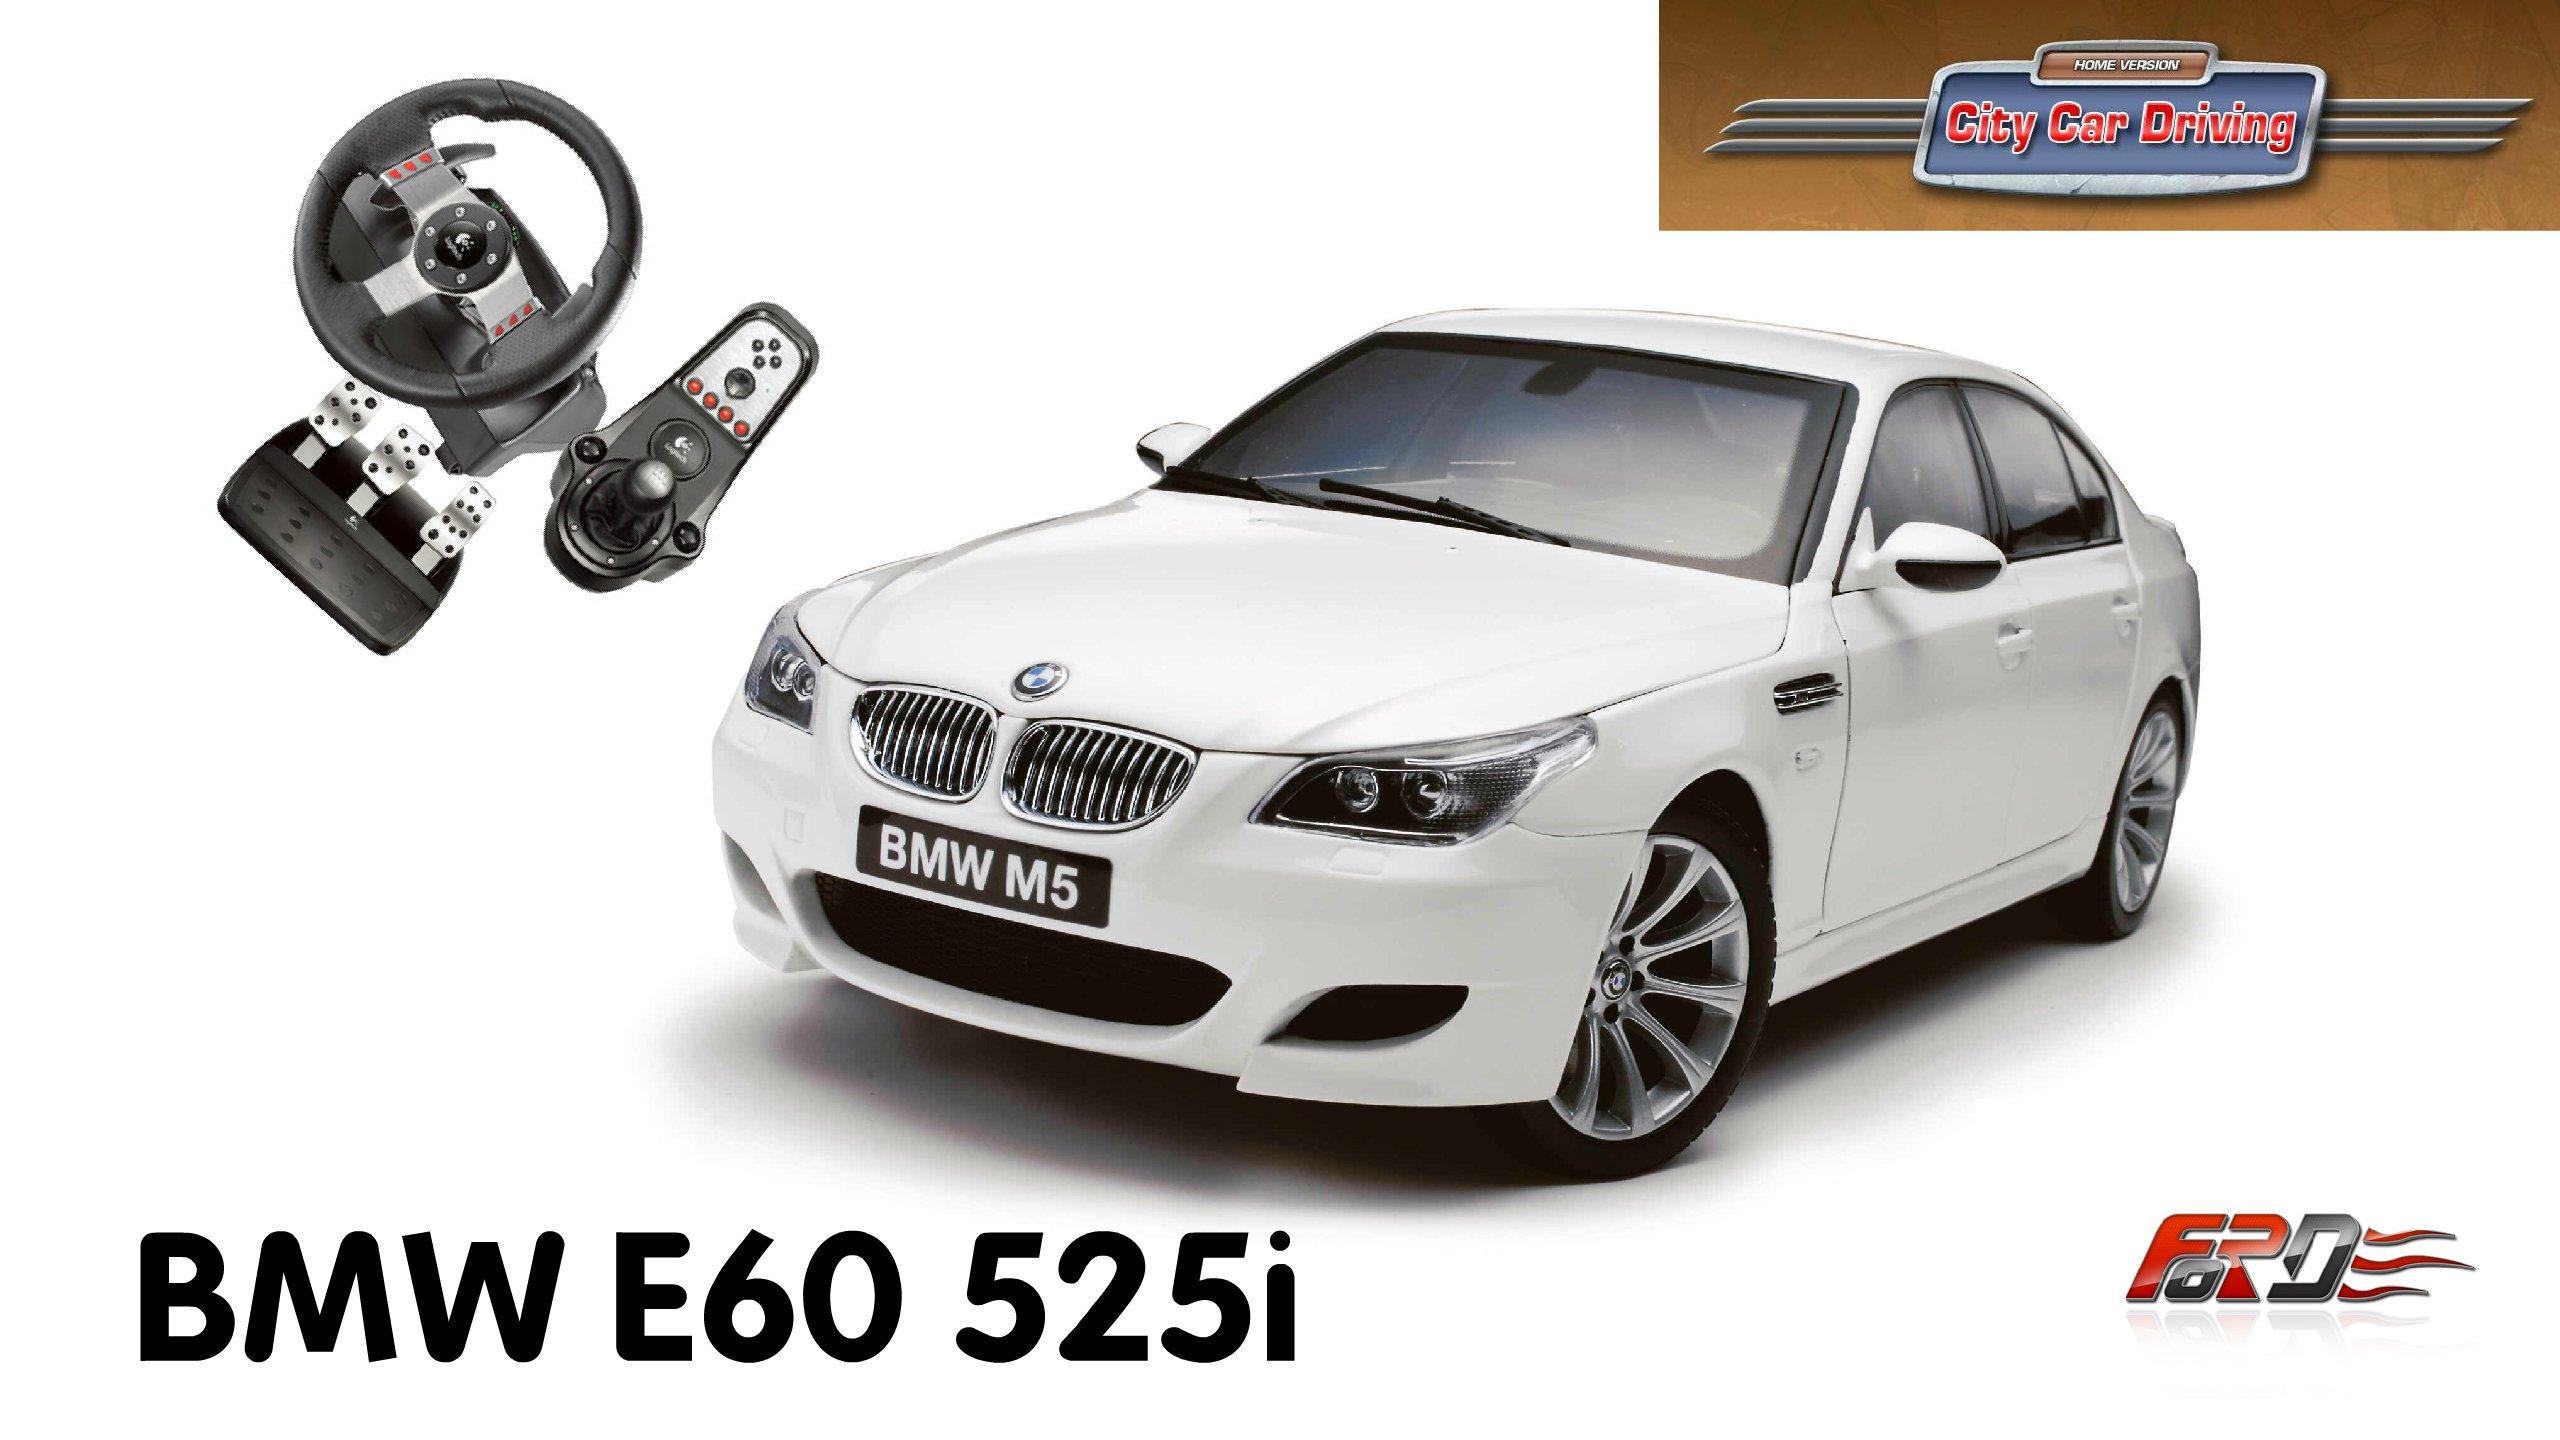 BMW 5 Series E60 525i - тест-драйв, обзор автомобиля бизнес класса в City Car Driving  - Изображение 1